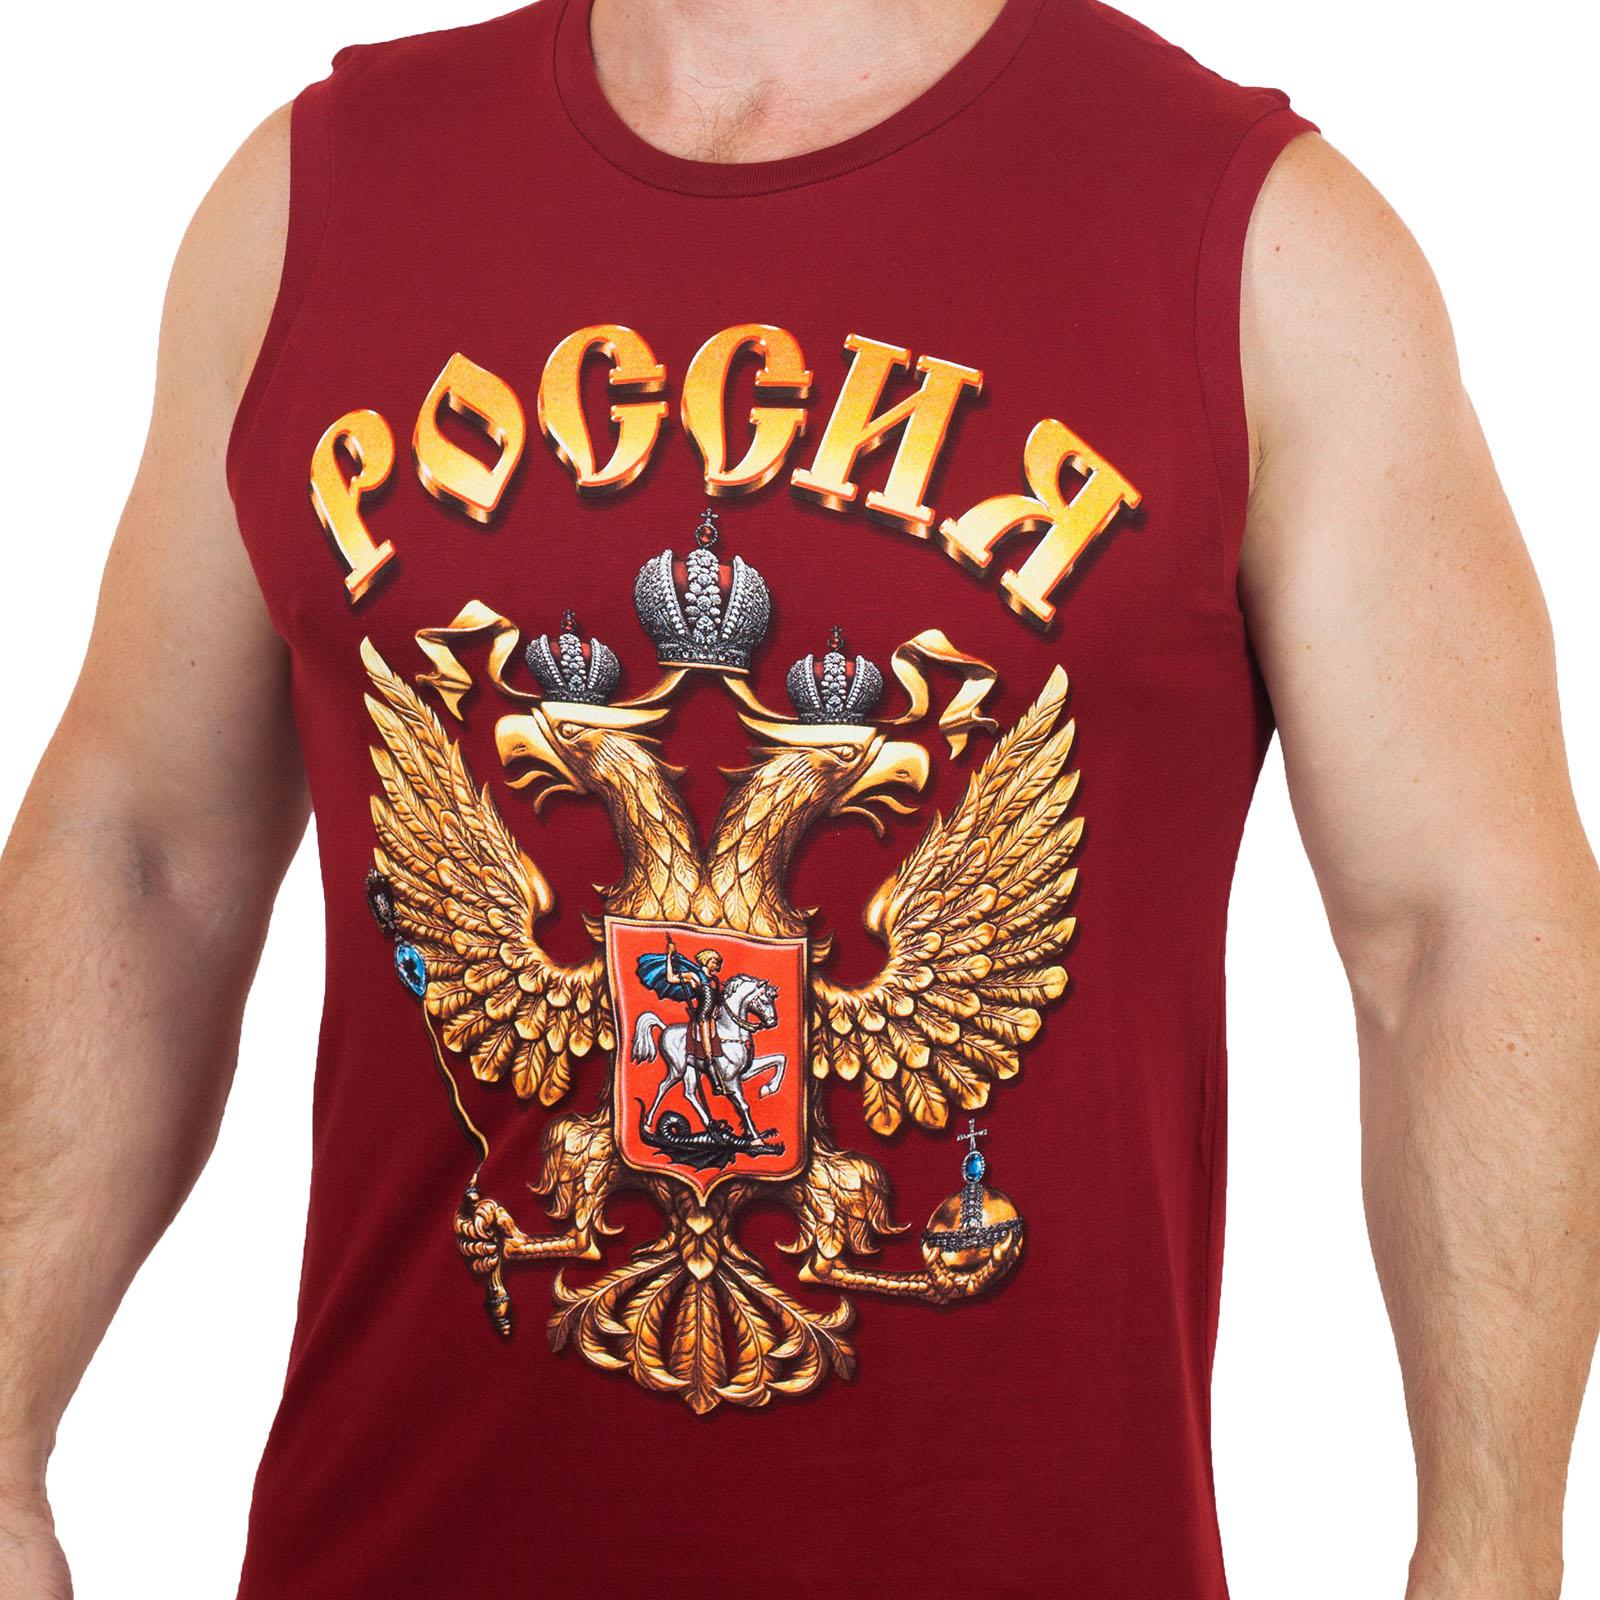 Недорогая патриотическая футболка без рукавов (размеры с 46 (XS) по 56 (2XL))